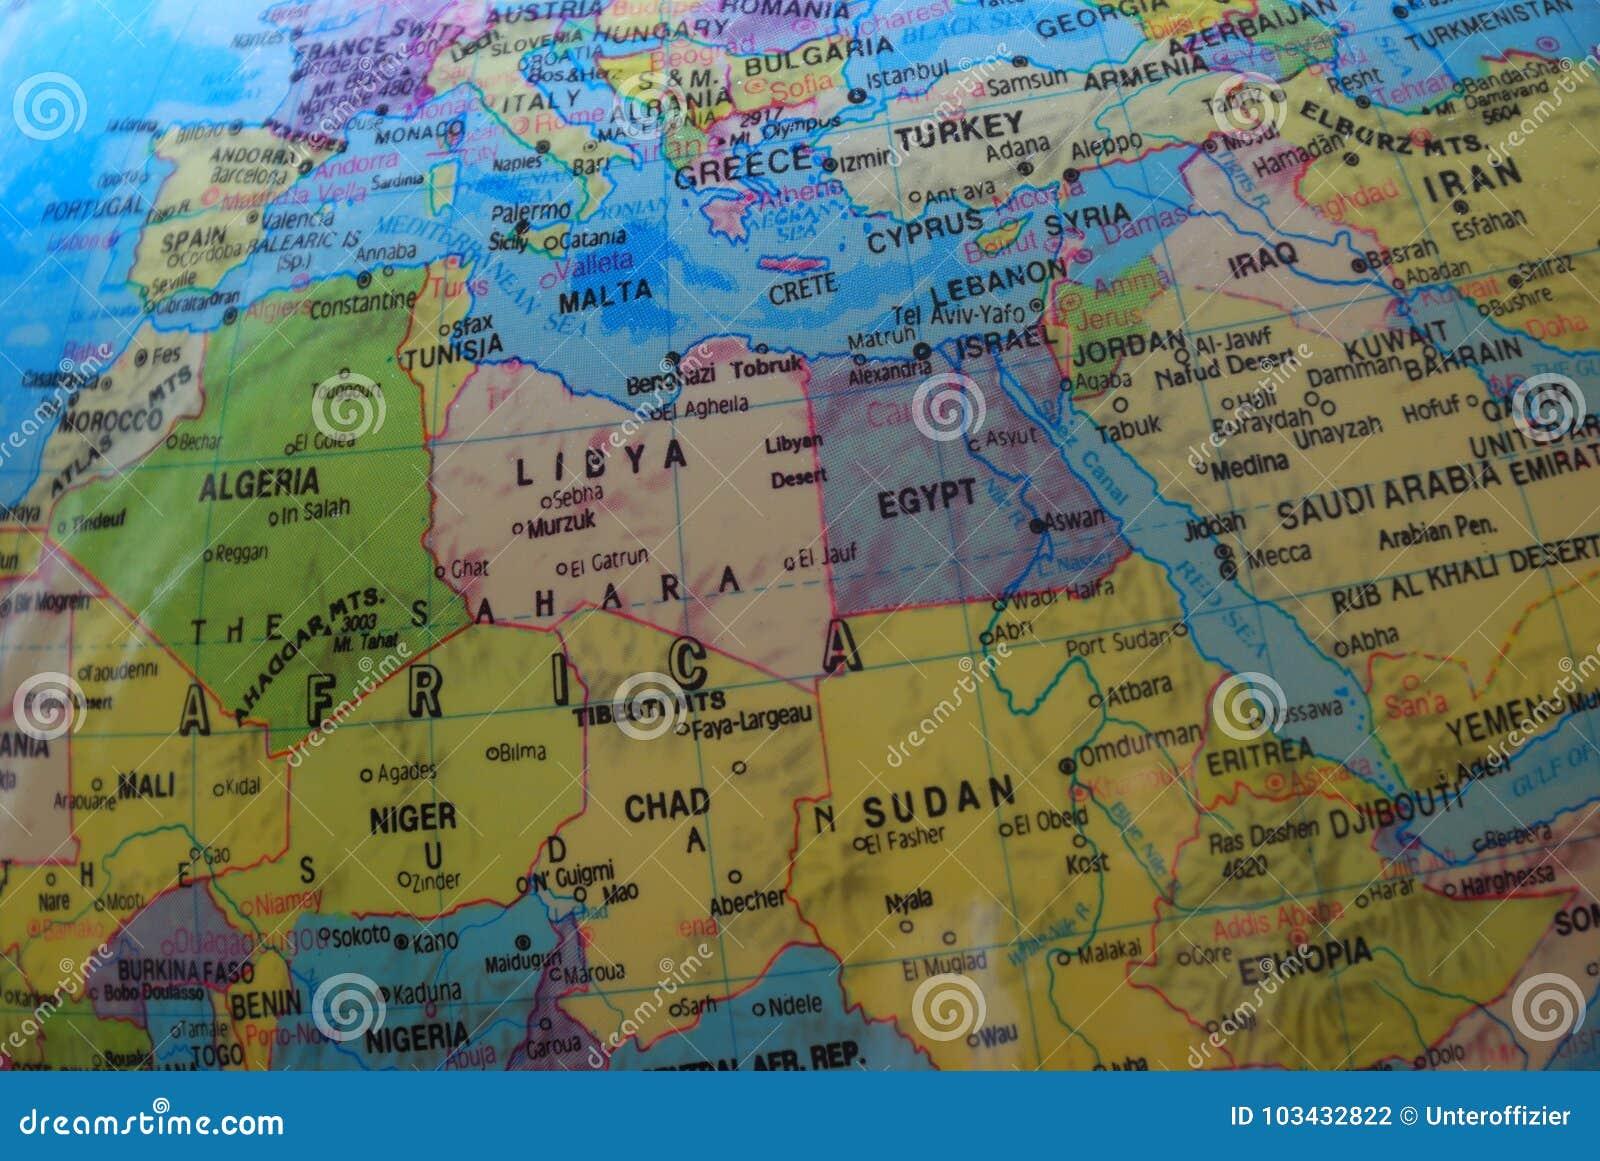 Carte De Lafrique Et Moyen Orient.Carte De Globe De L Afrique Du Nord Et Du Moyen Orient Photo Stock